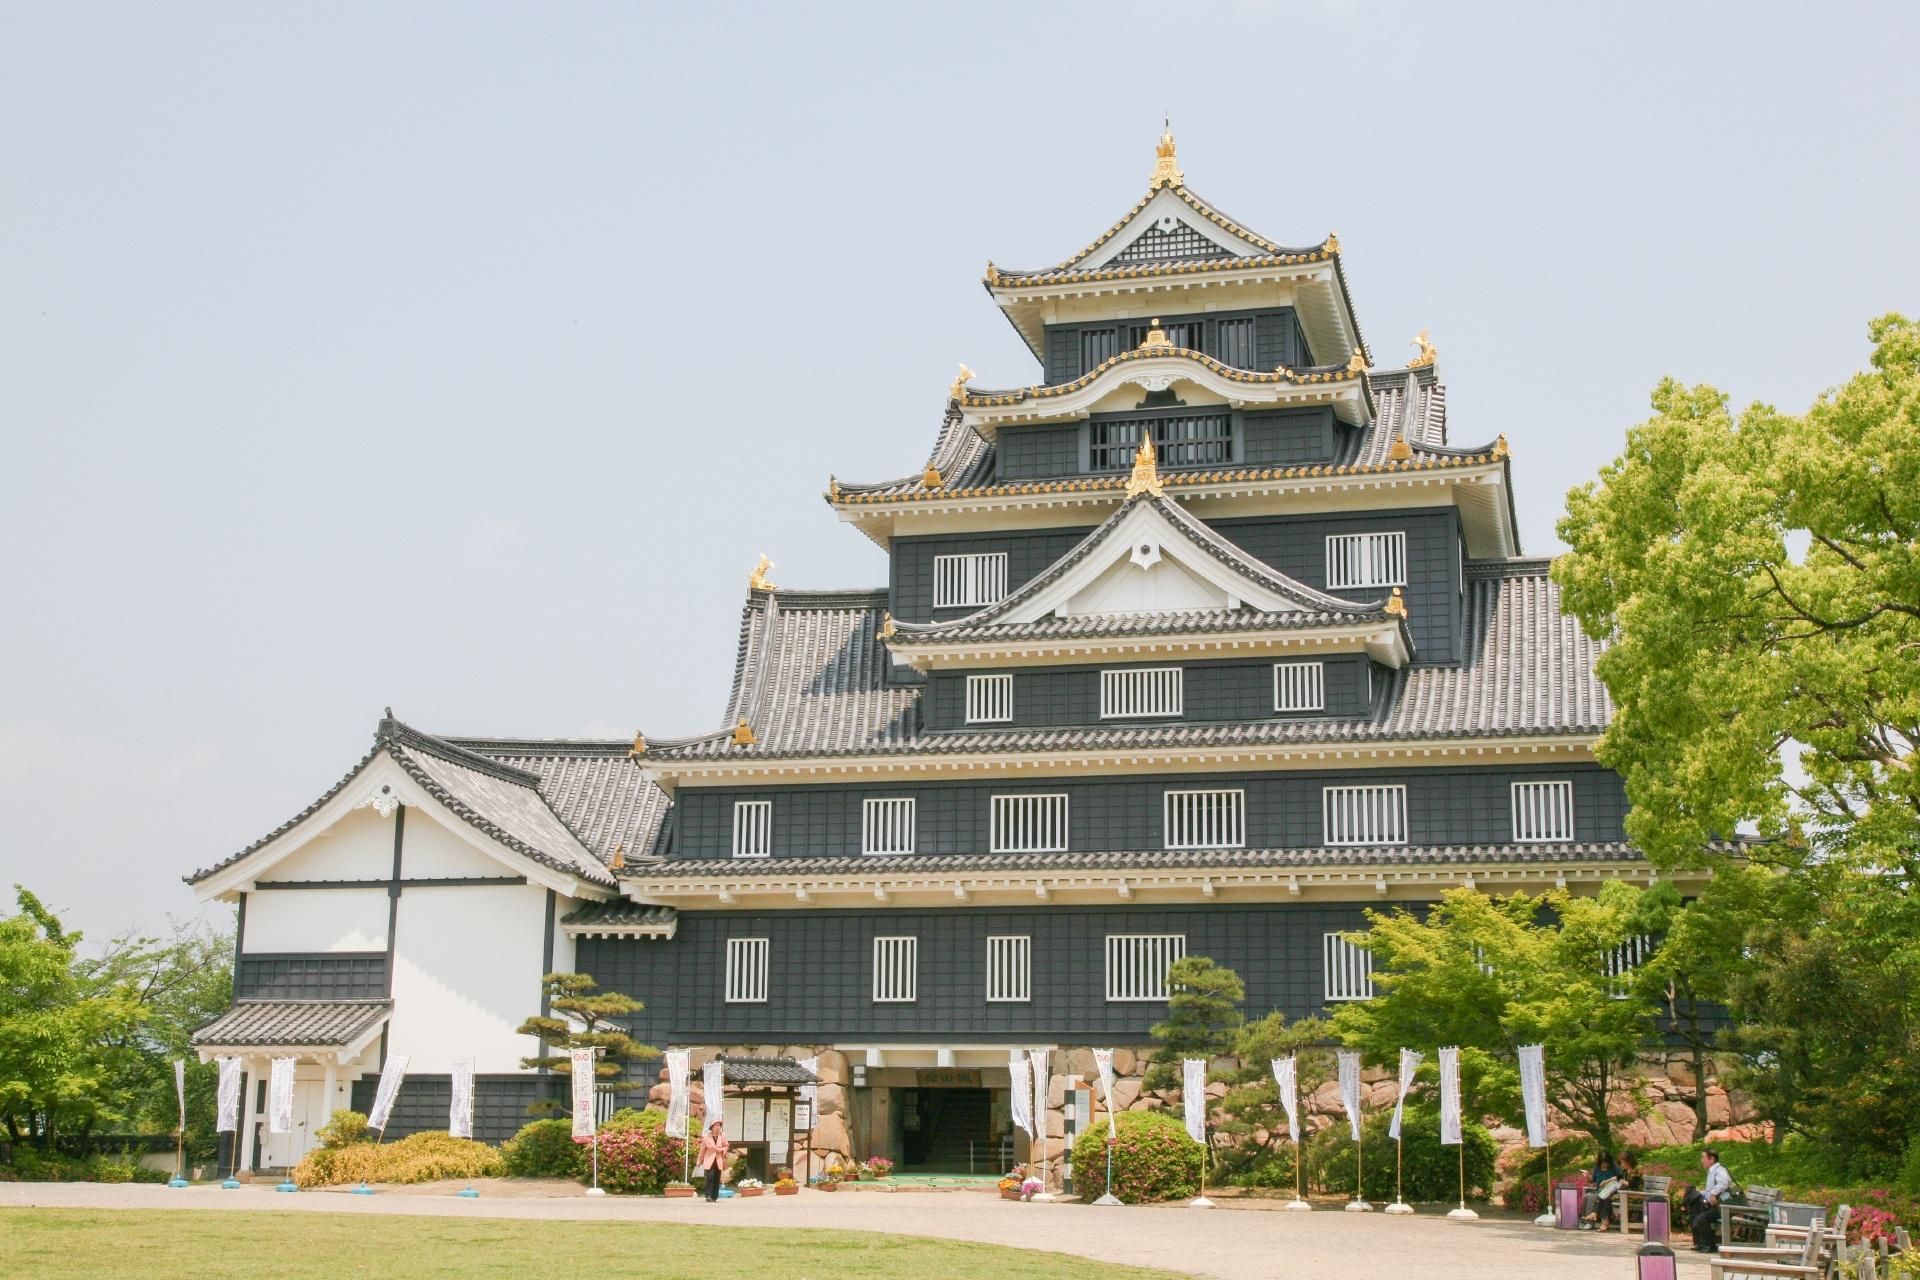 初夏の岡山城 岡山の風景